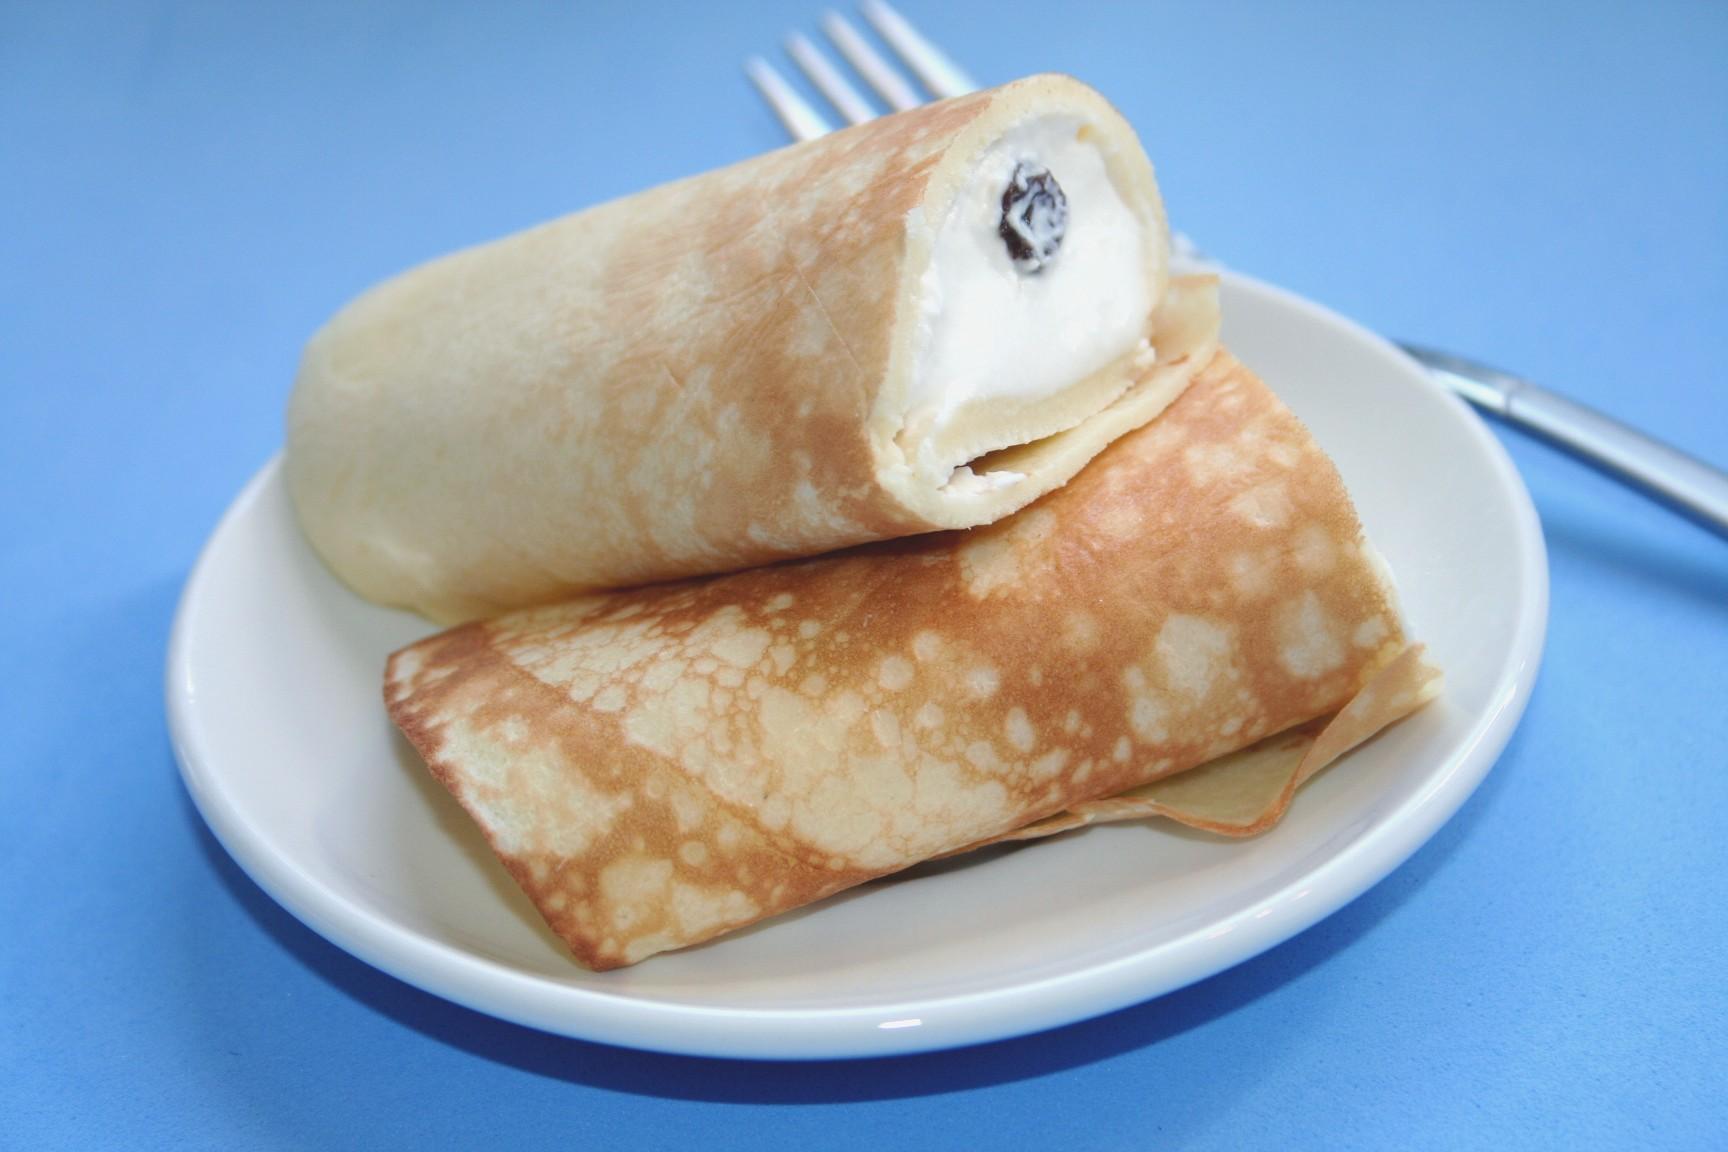 בלינצ'ס עם גבינה מתוקה וצימוקים